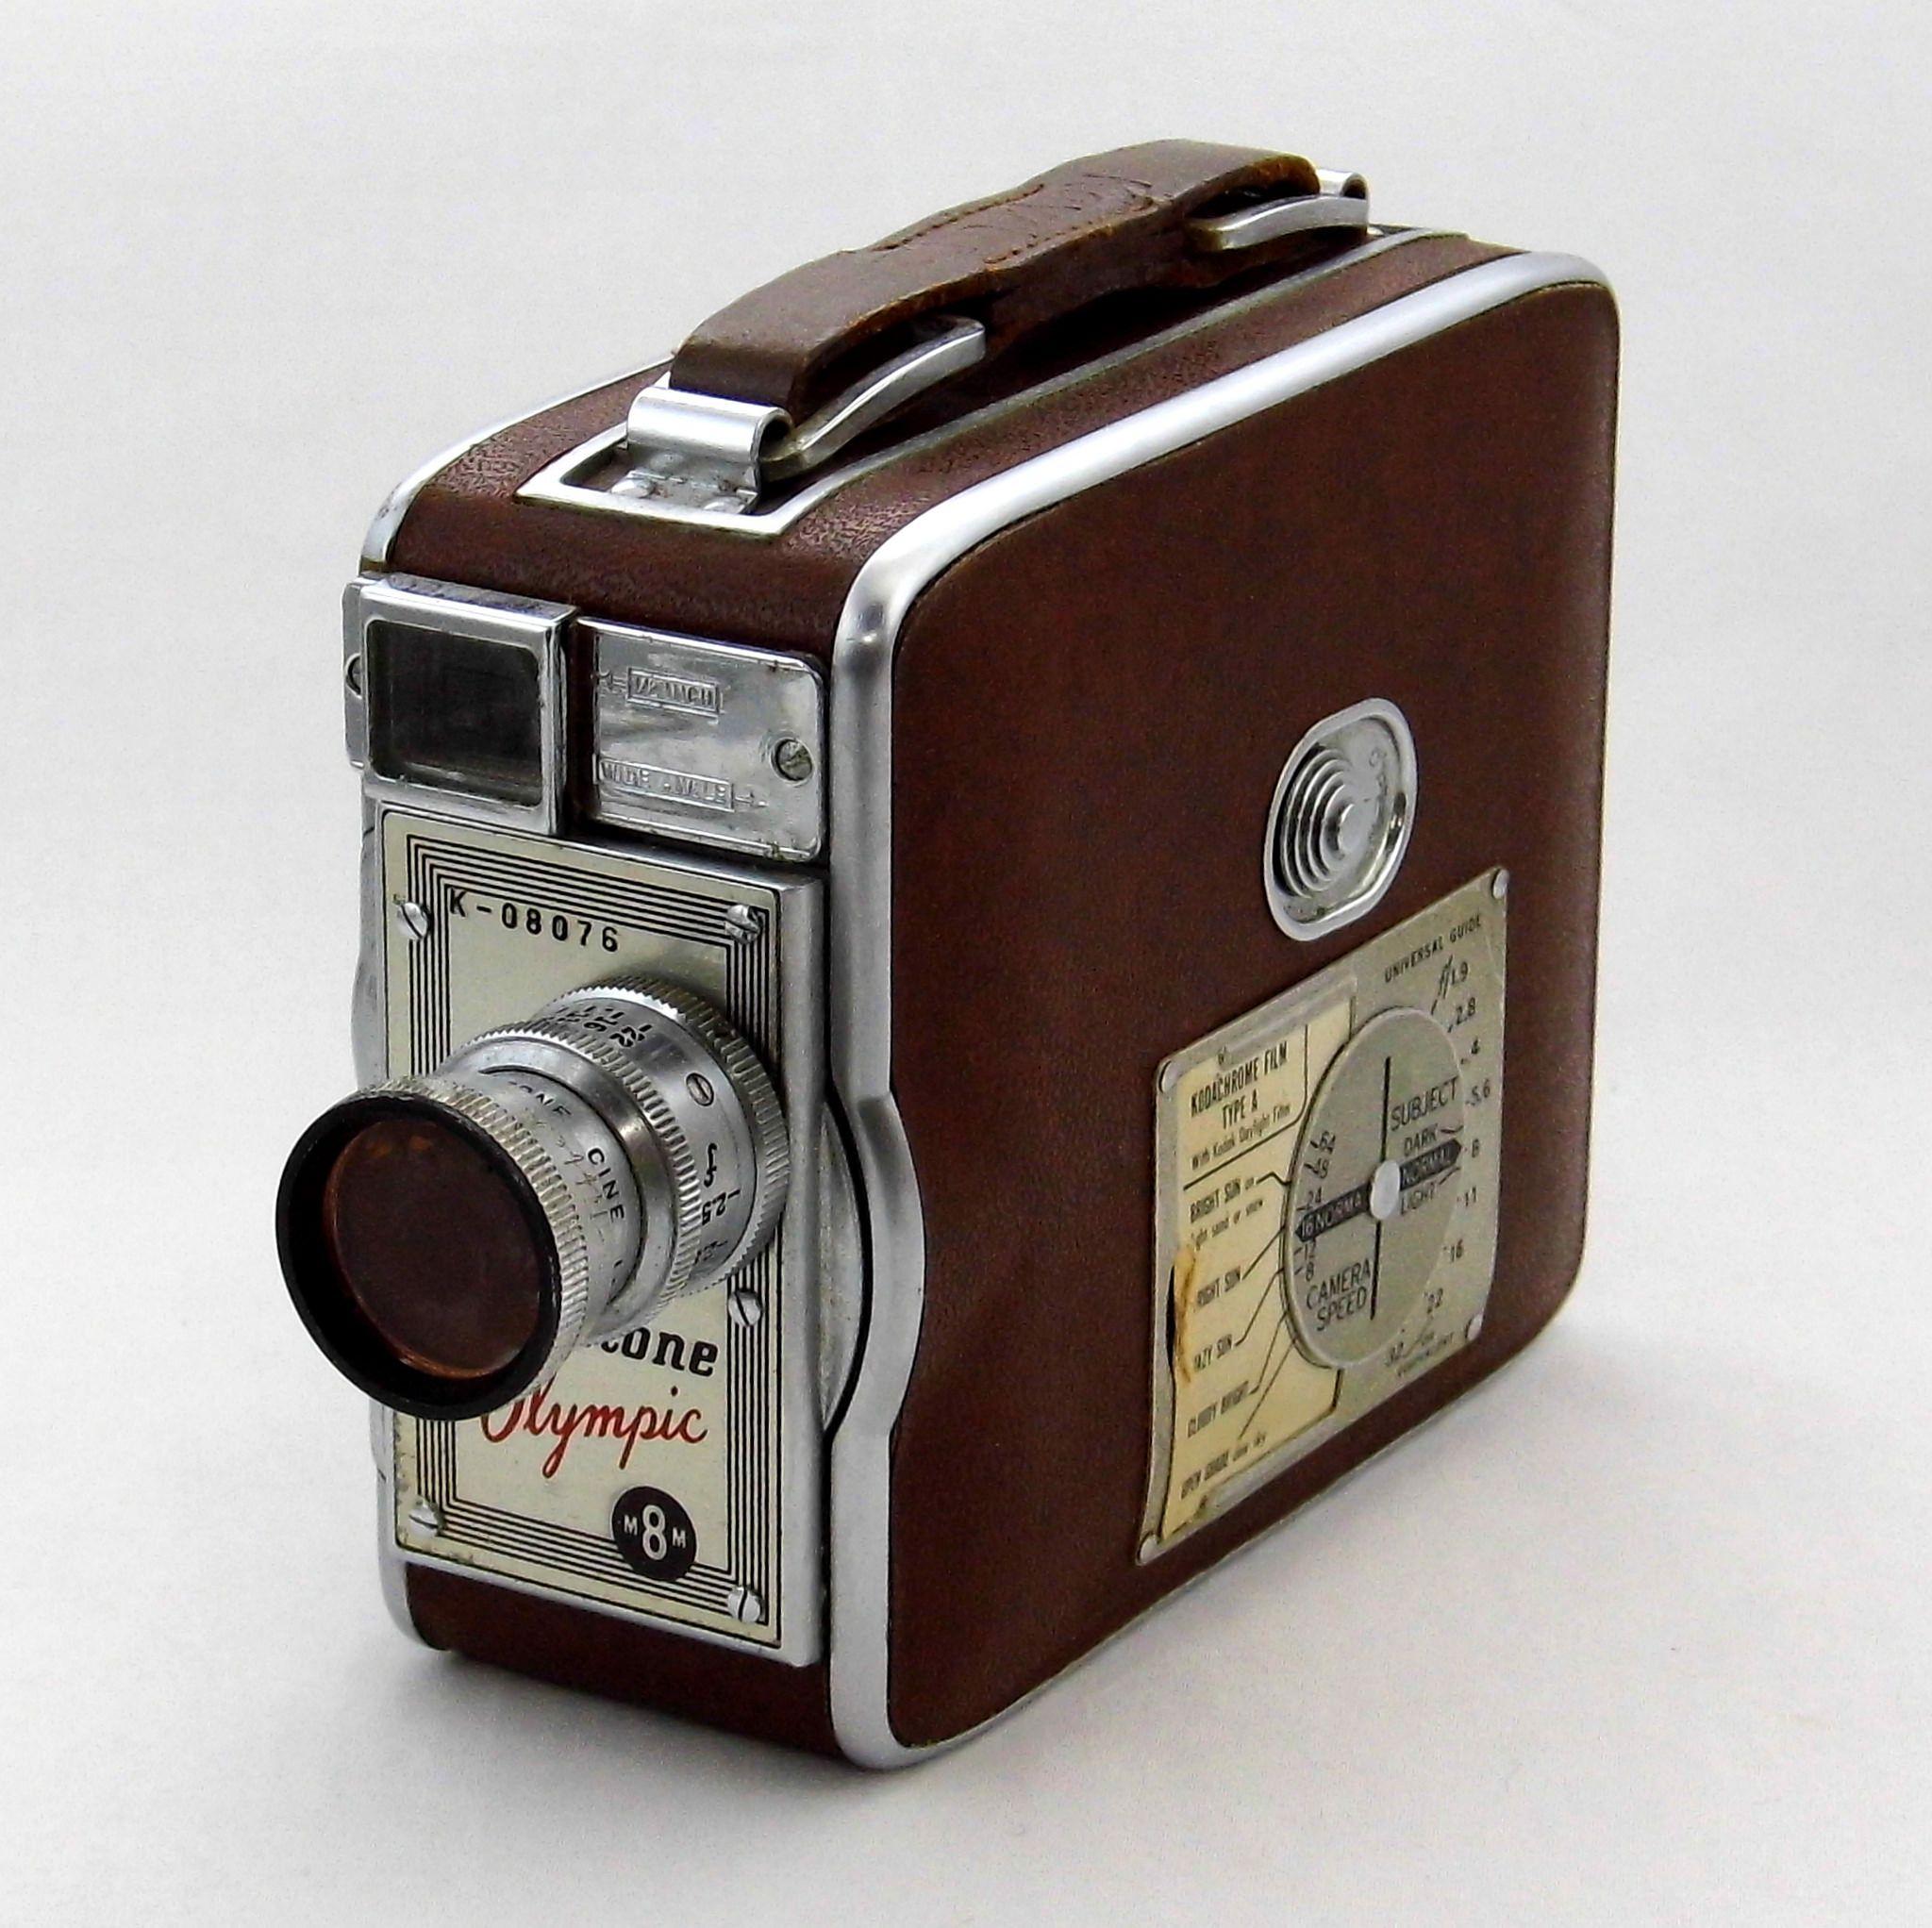 где можно продать старые фотоаппараты и кинокамеры интерьерной печати